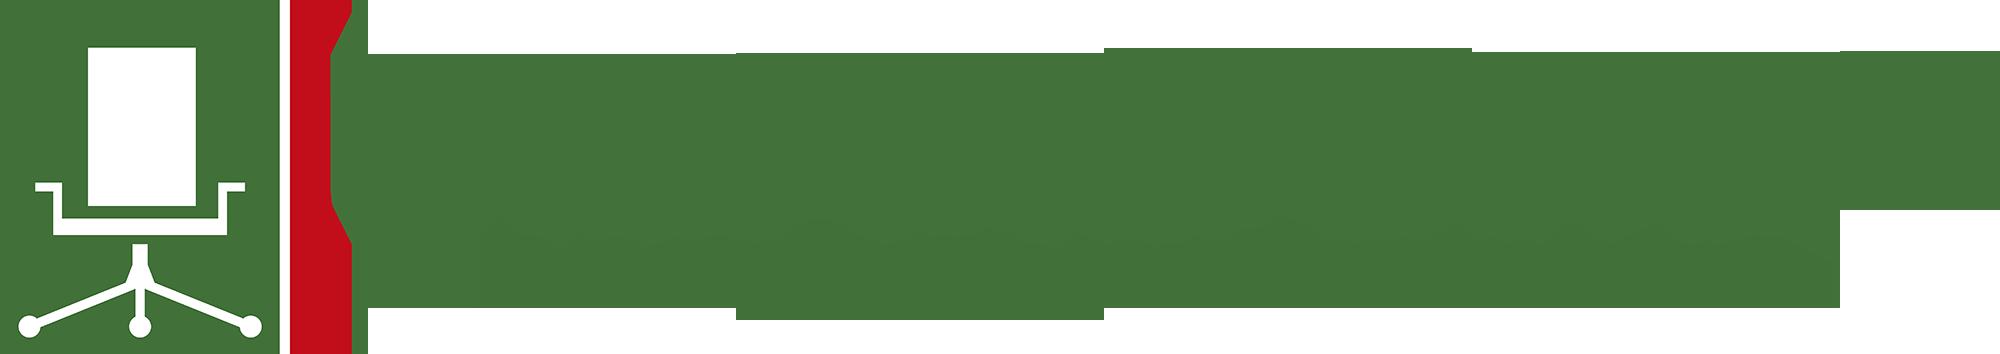 Logotipo e marchio di Indar Carmet